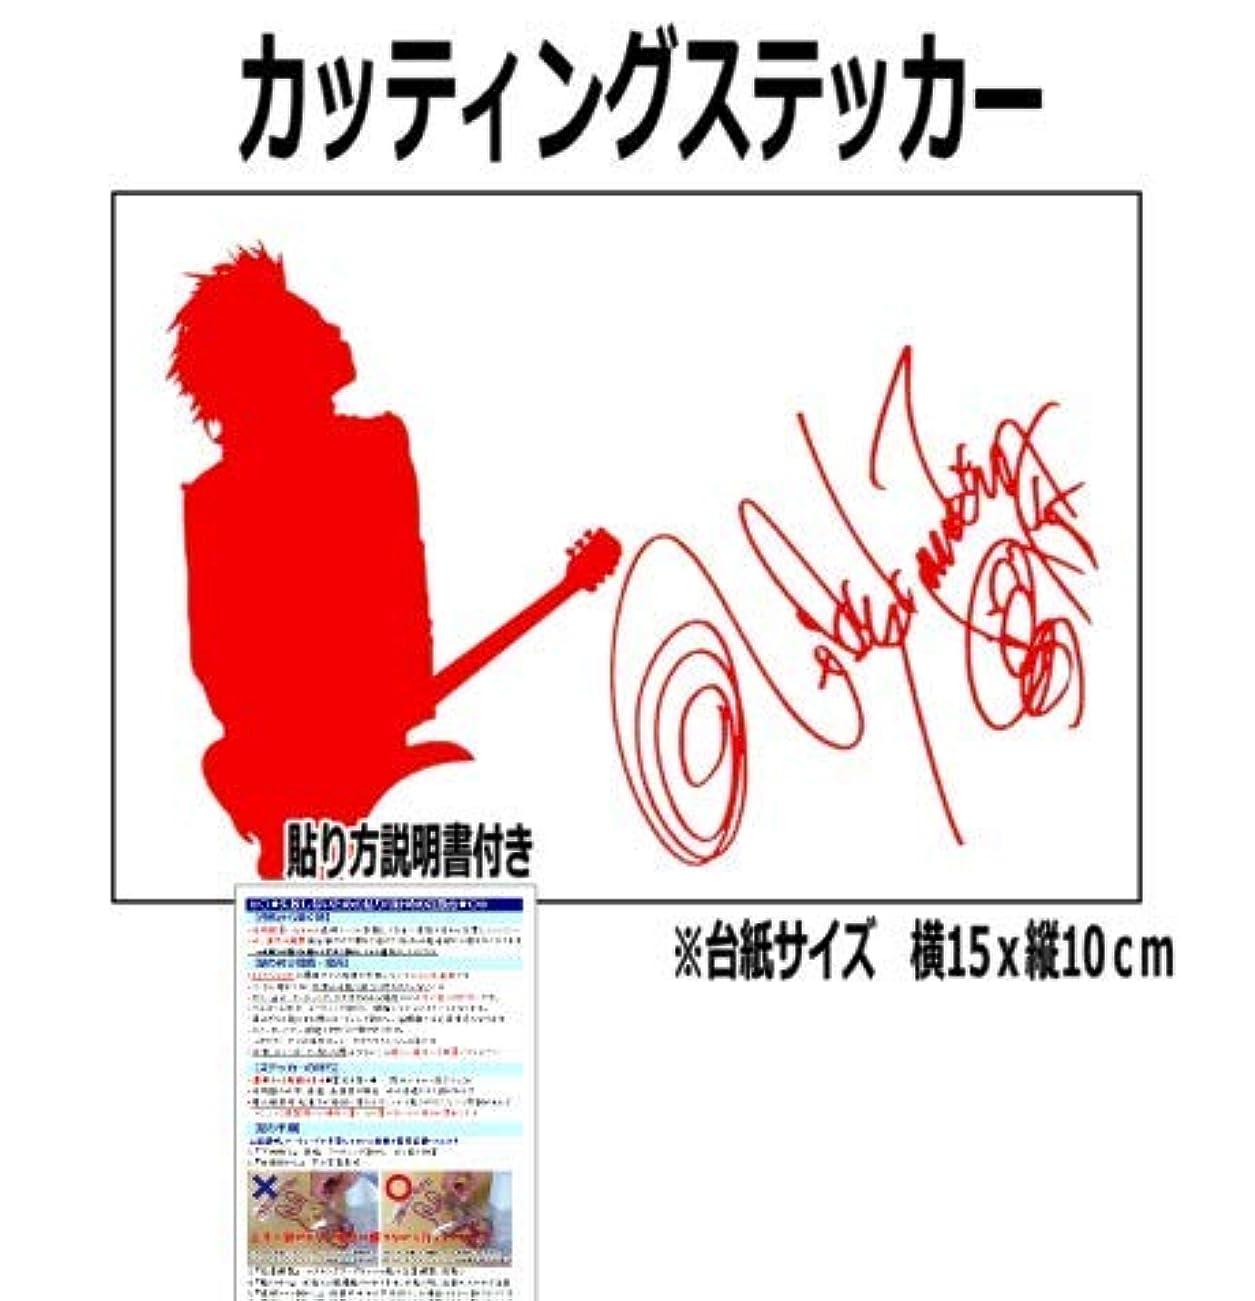 モザイク建設人形XJAPAN HIDE カッティングステッカー(赤)